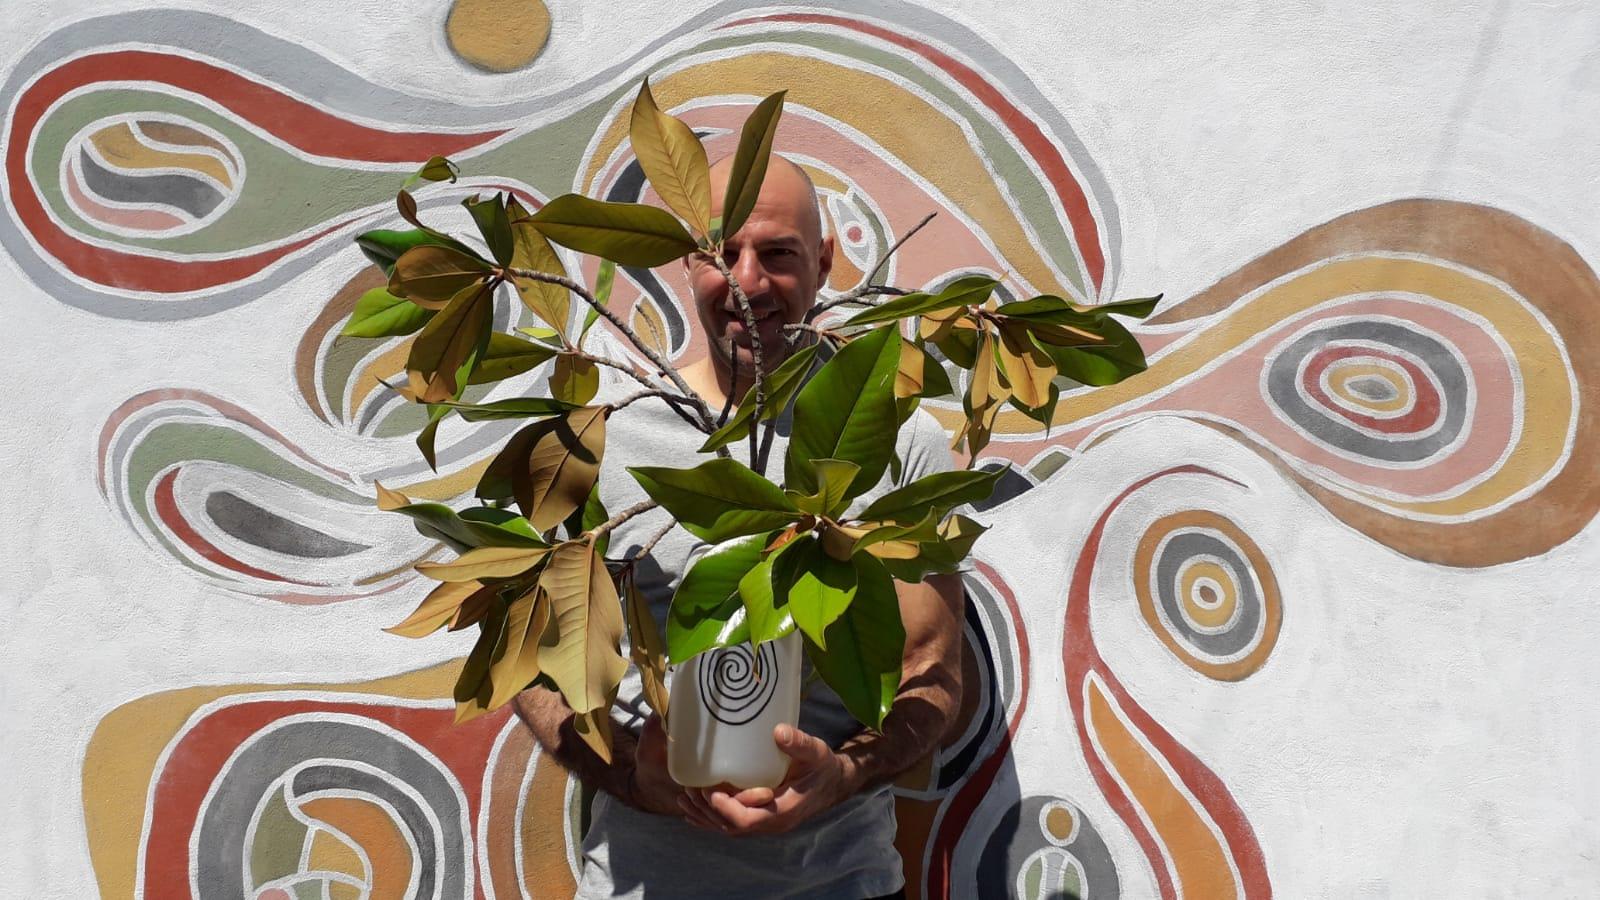 Catania, Piazza Roma Mettere in salvo rami strappati da qualche balordo. Magnolia